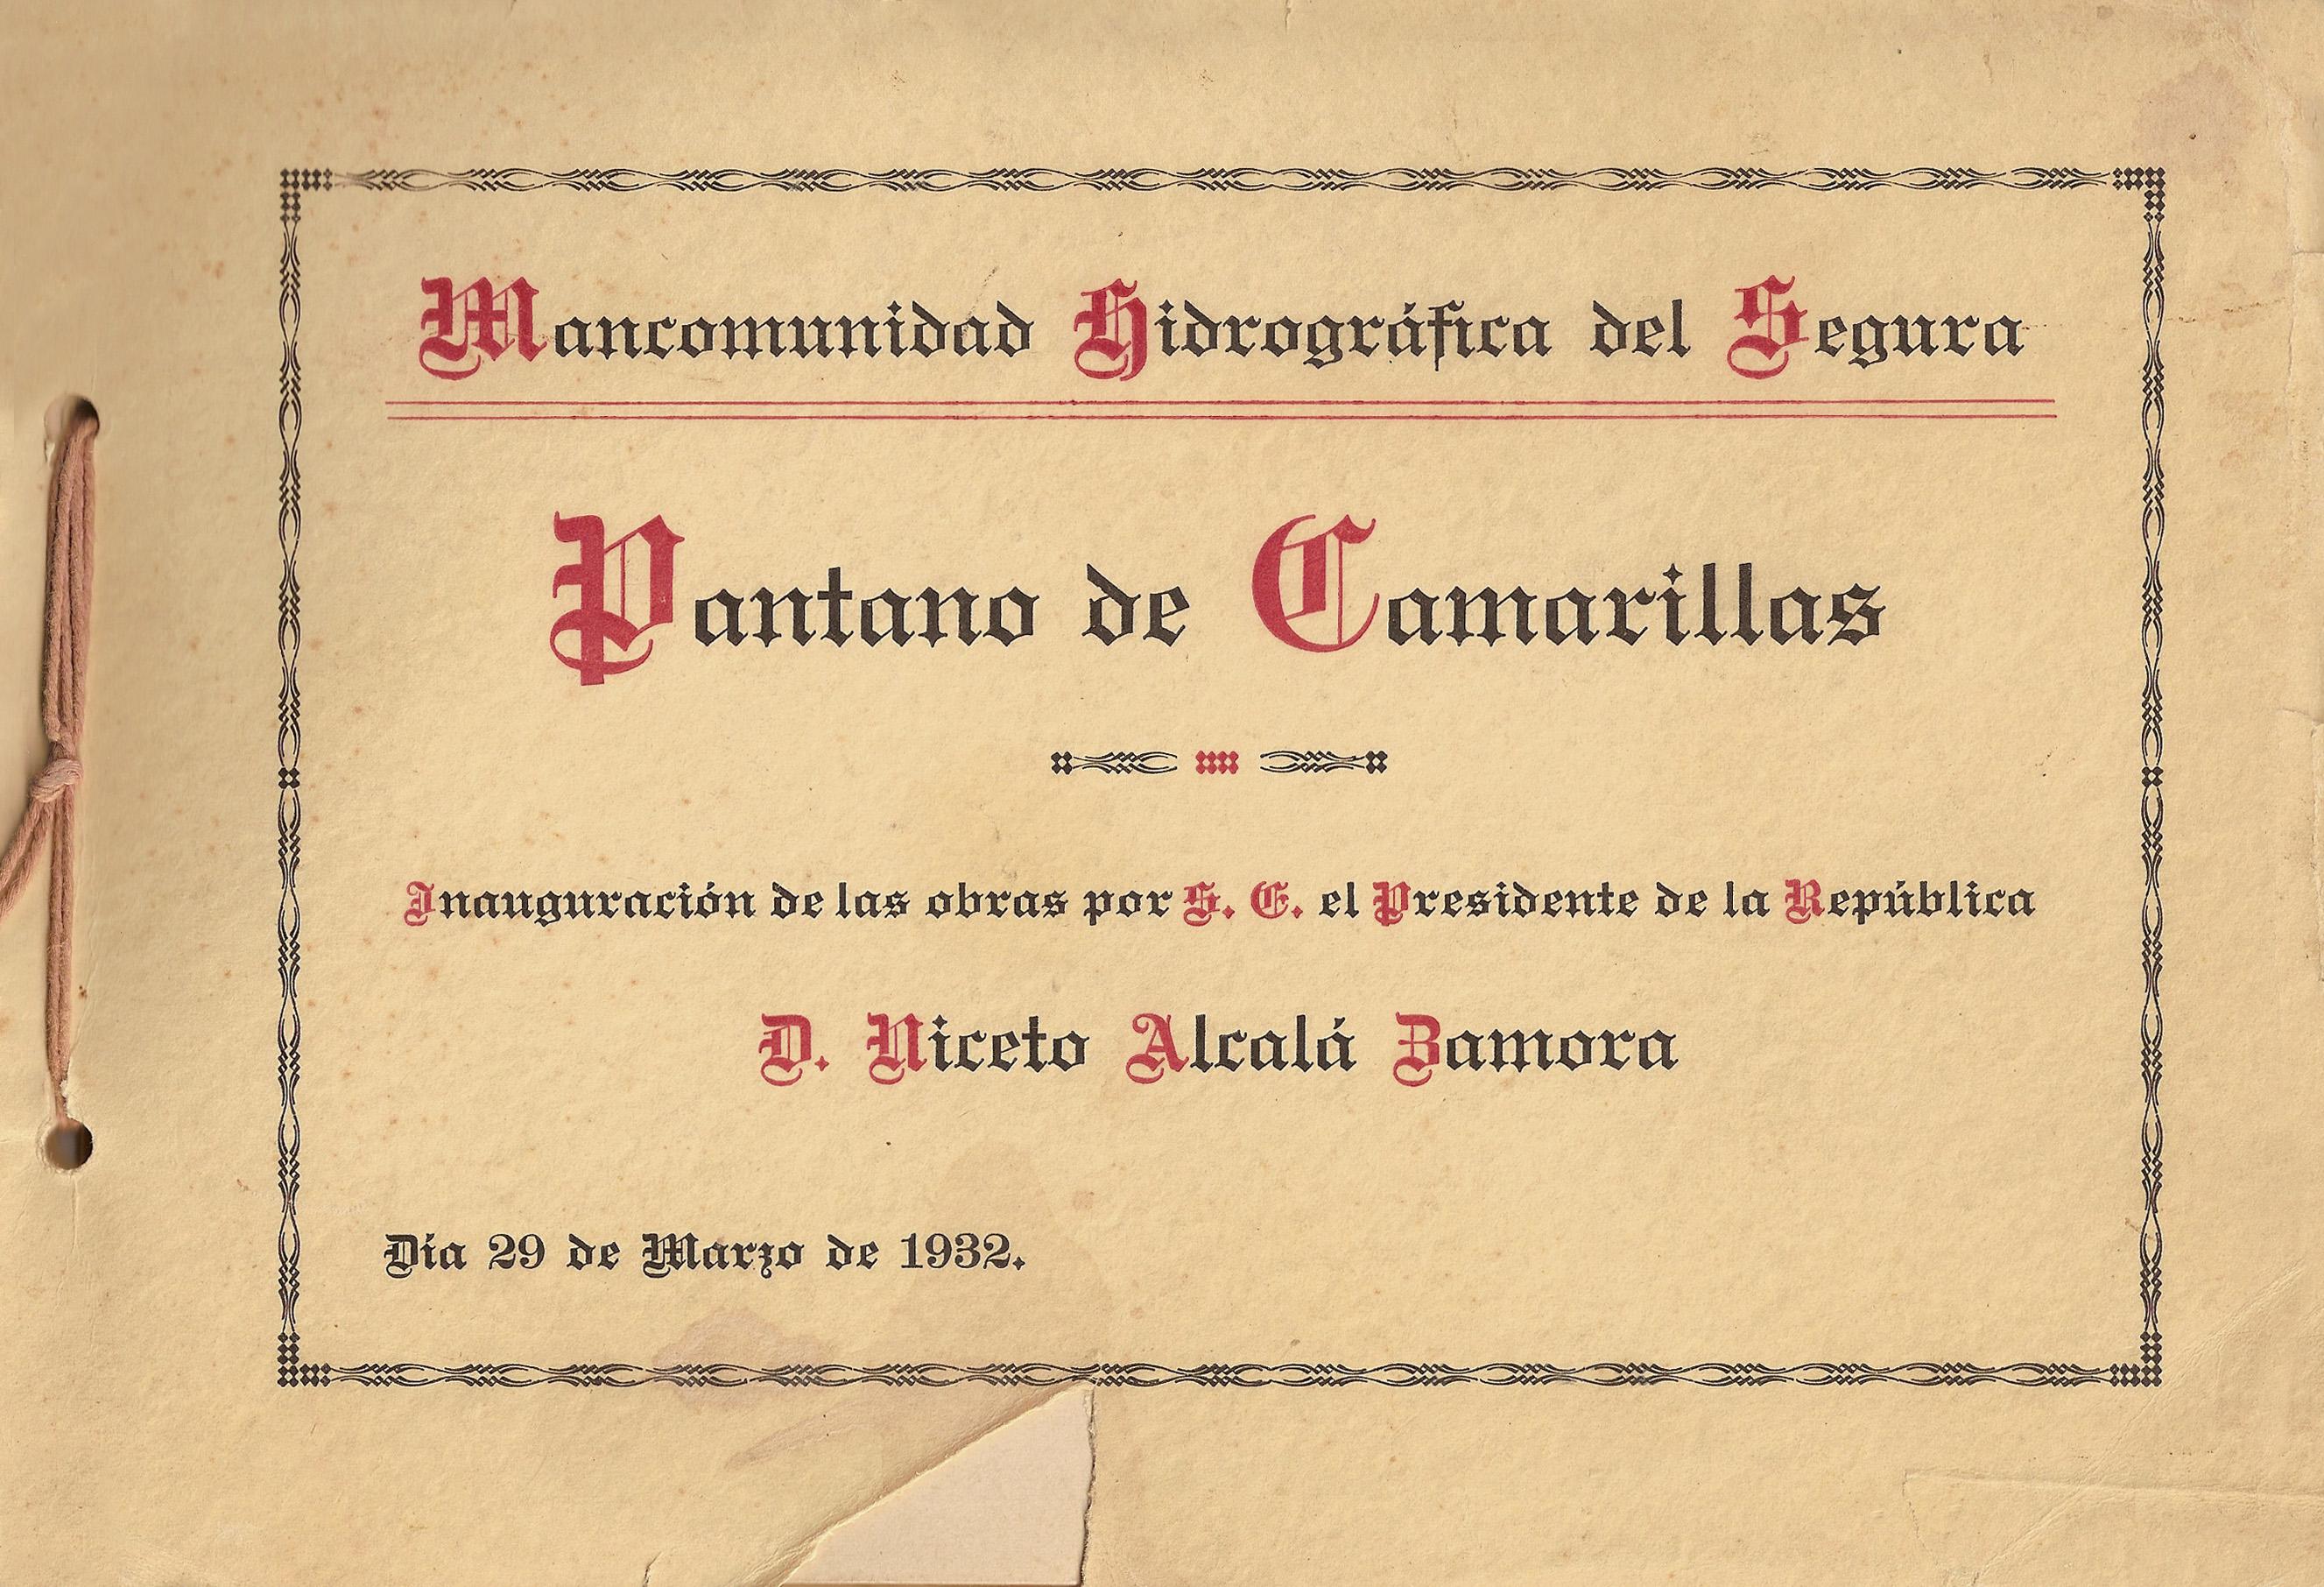 Pantano de Camarillas - Inauguración de las obras por el S.E. el Presidente de la República D. Niceto Alcalá Zamora